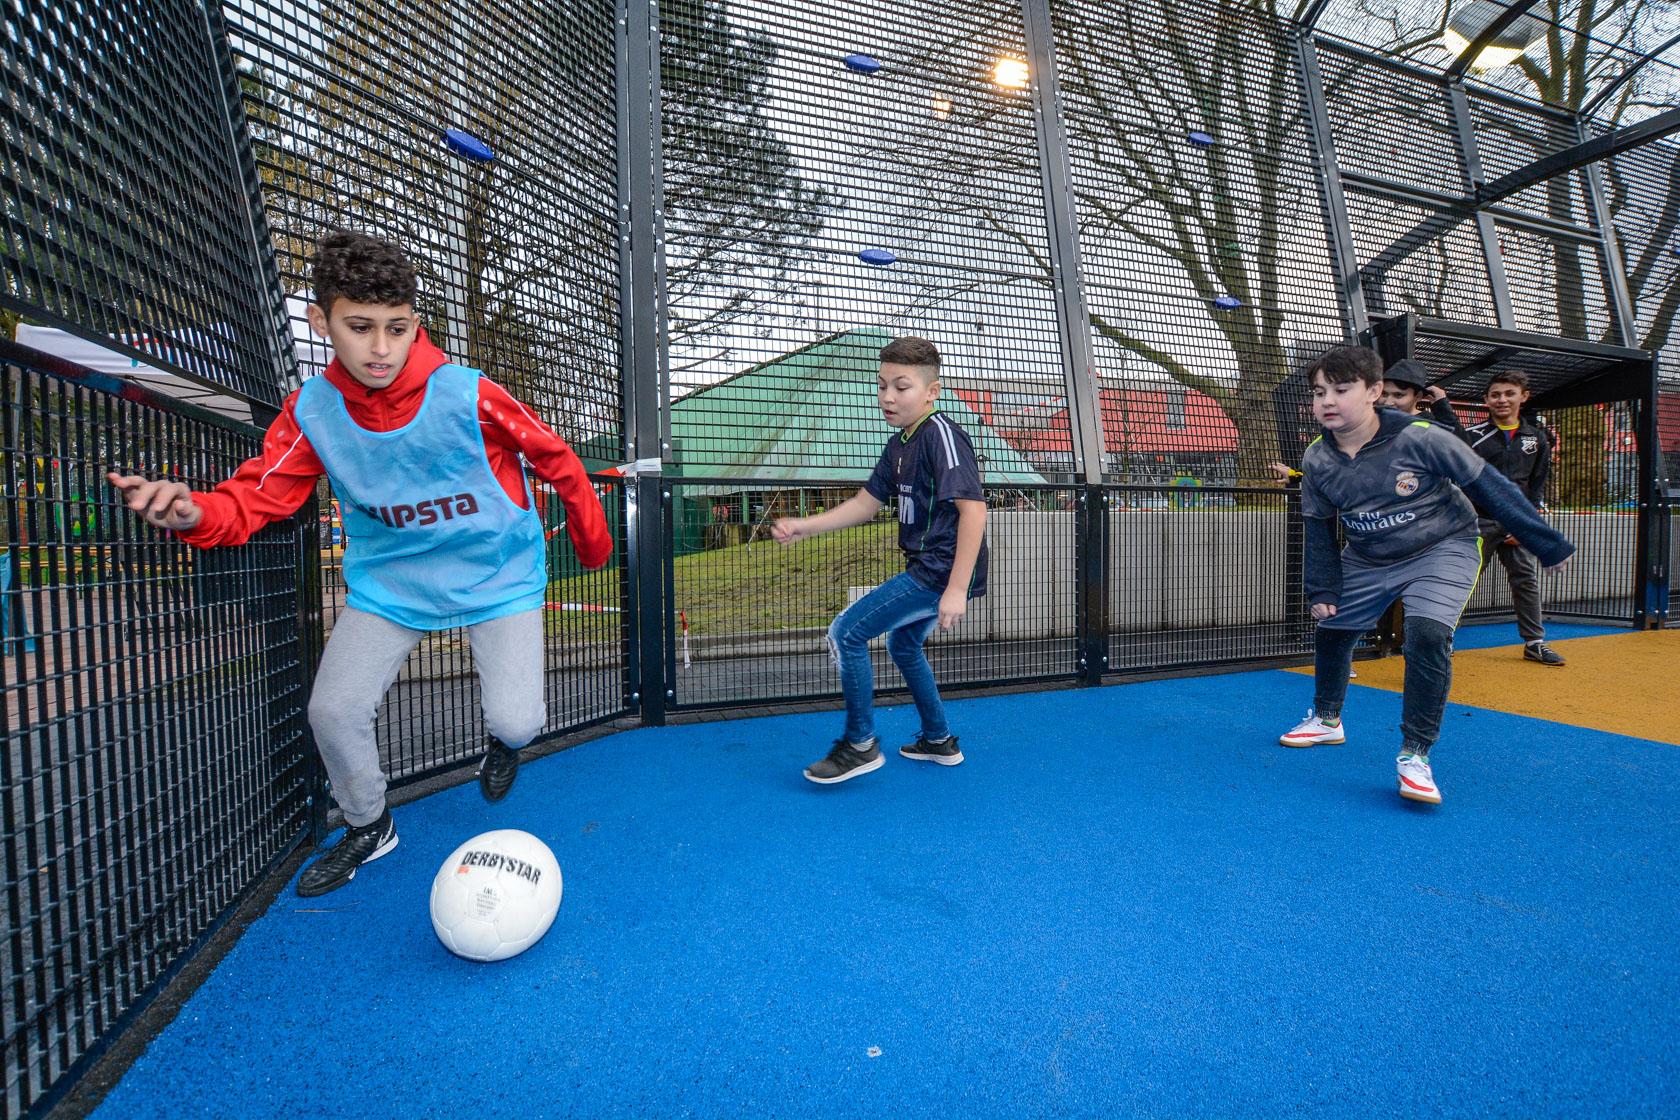 Eine breite Auswahl von Freizeiten, Aktionen und Ausflügen erwartet Kinder und Jungendliche in den Sommerferien in Dortmund. (Foto: Dortmund-Agentur / Roland Gorecki)